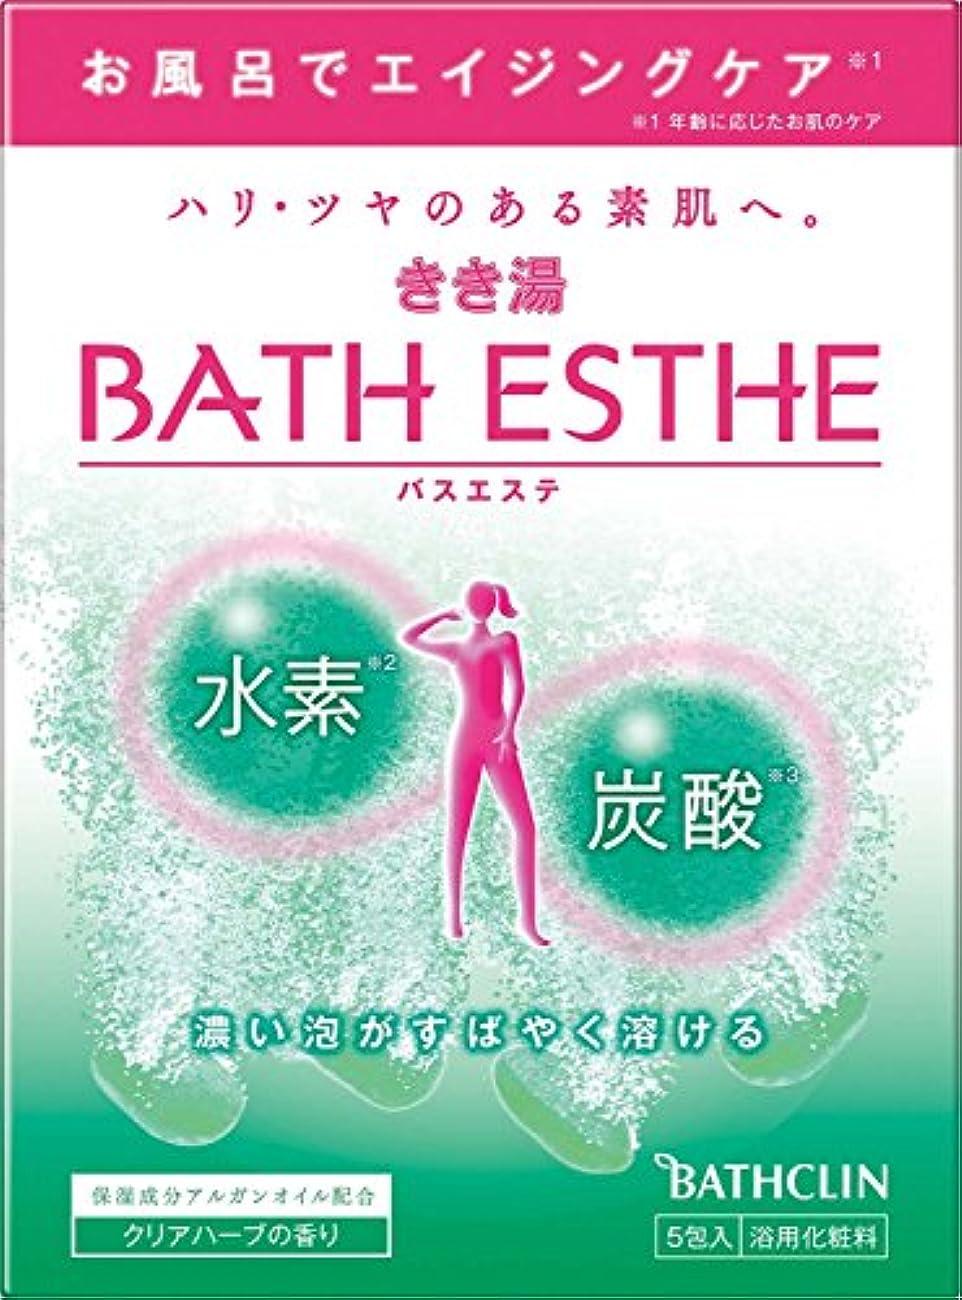 美的バングラデシュスチュワーデスきき湯バスエステ炭酸水素入浴剤 クリアハーブの香り50g×5包入り 入浴剤 発泡タイプ 個包装